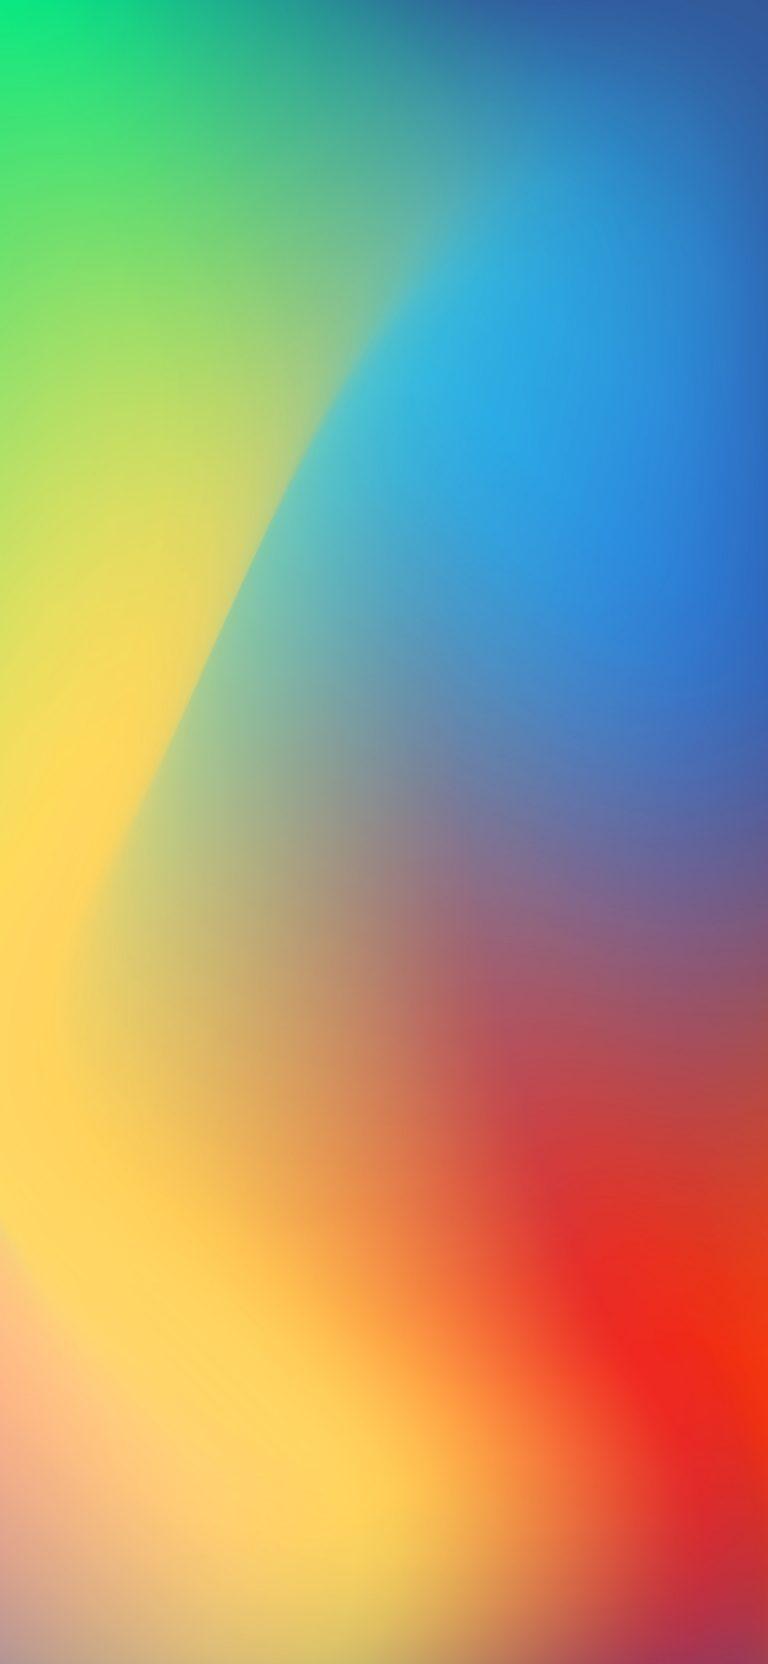 LG G7 Fit Stock Wallpaper 13 1440x3120 768x1664